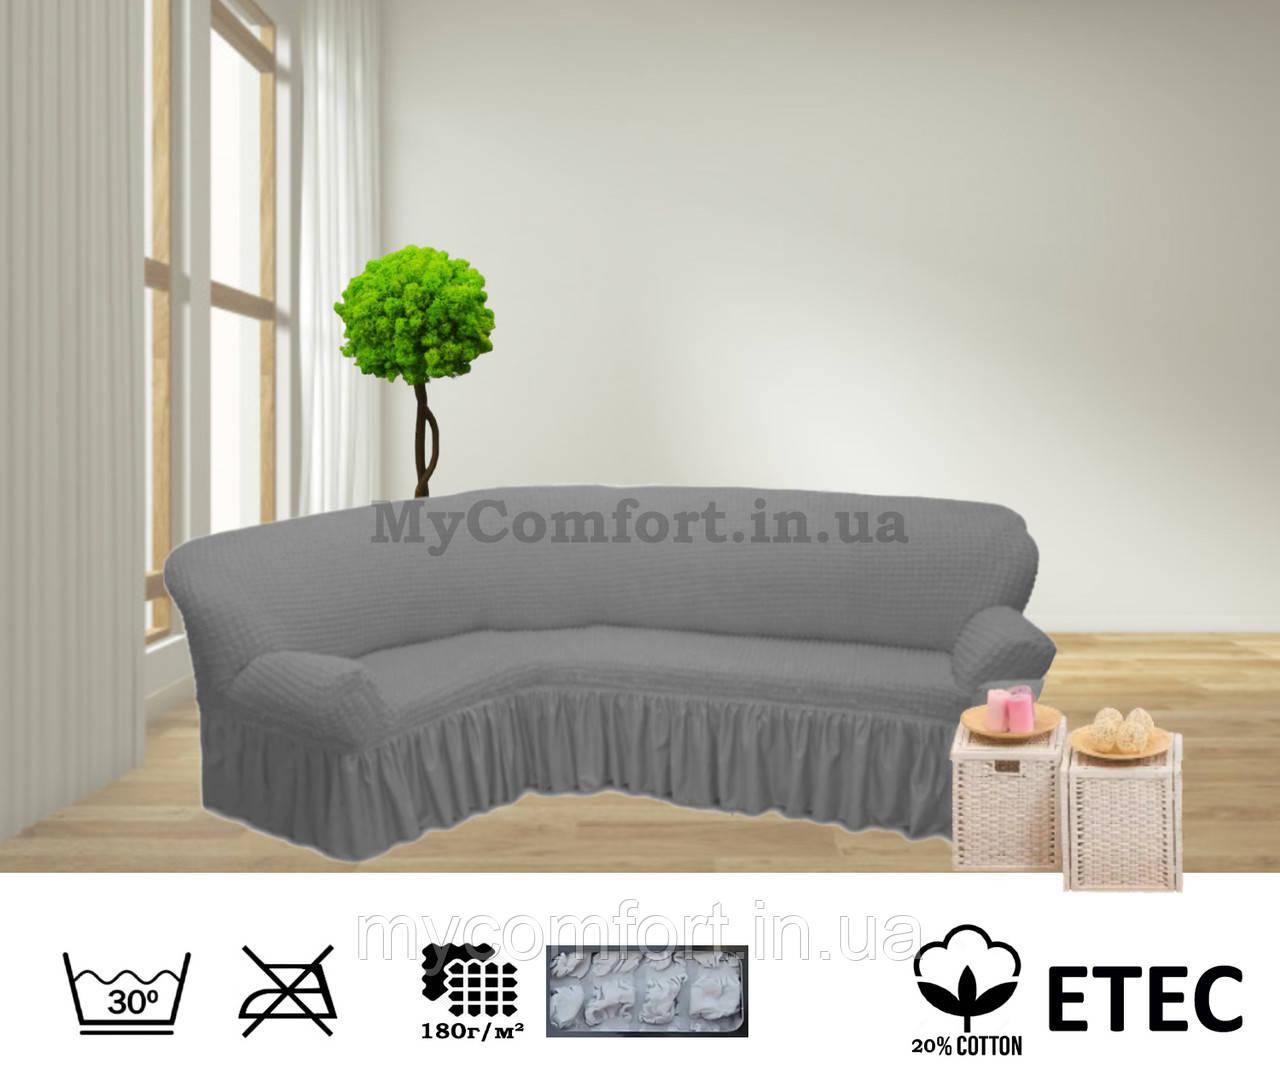 Чехол на угловой диван Etec. Серый